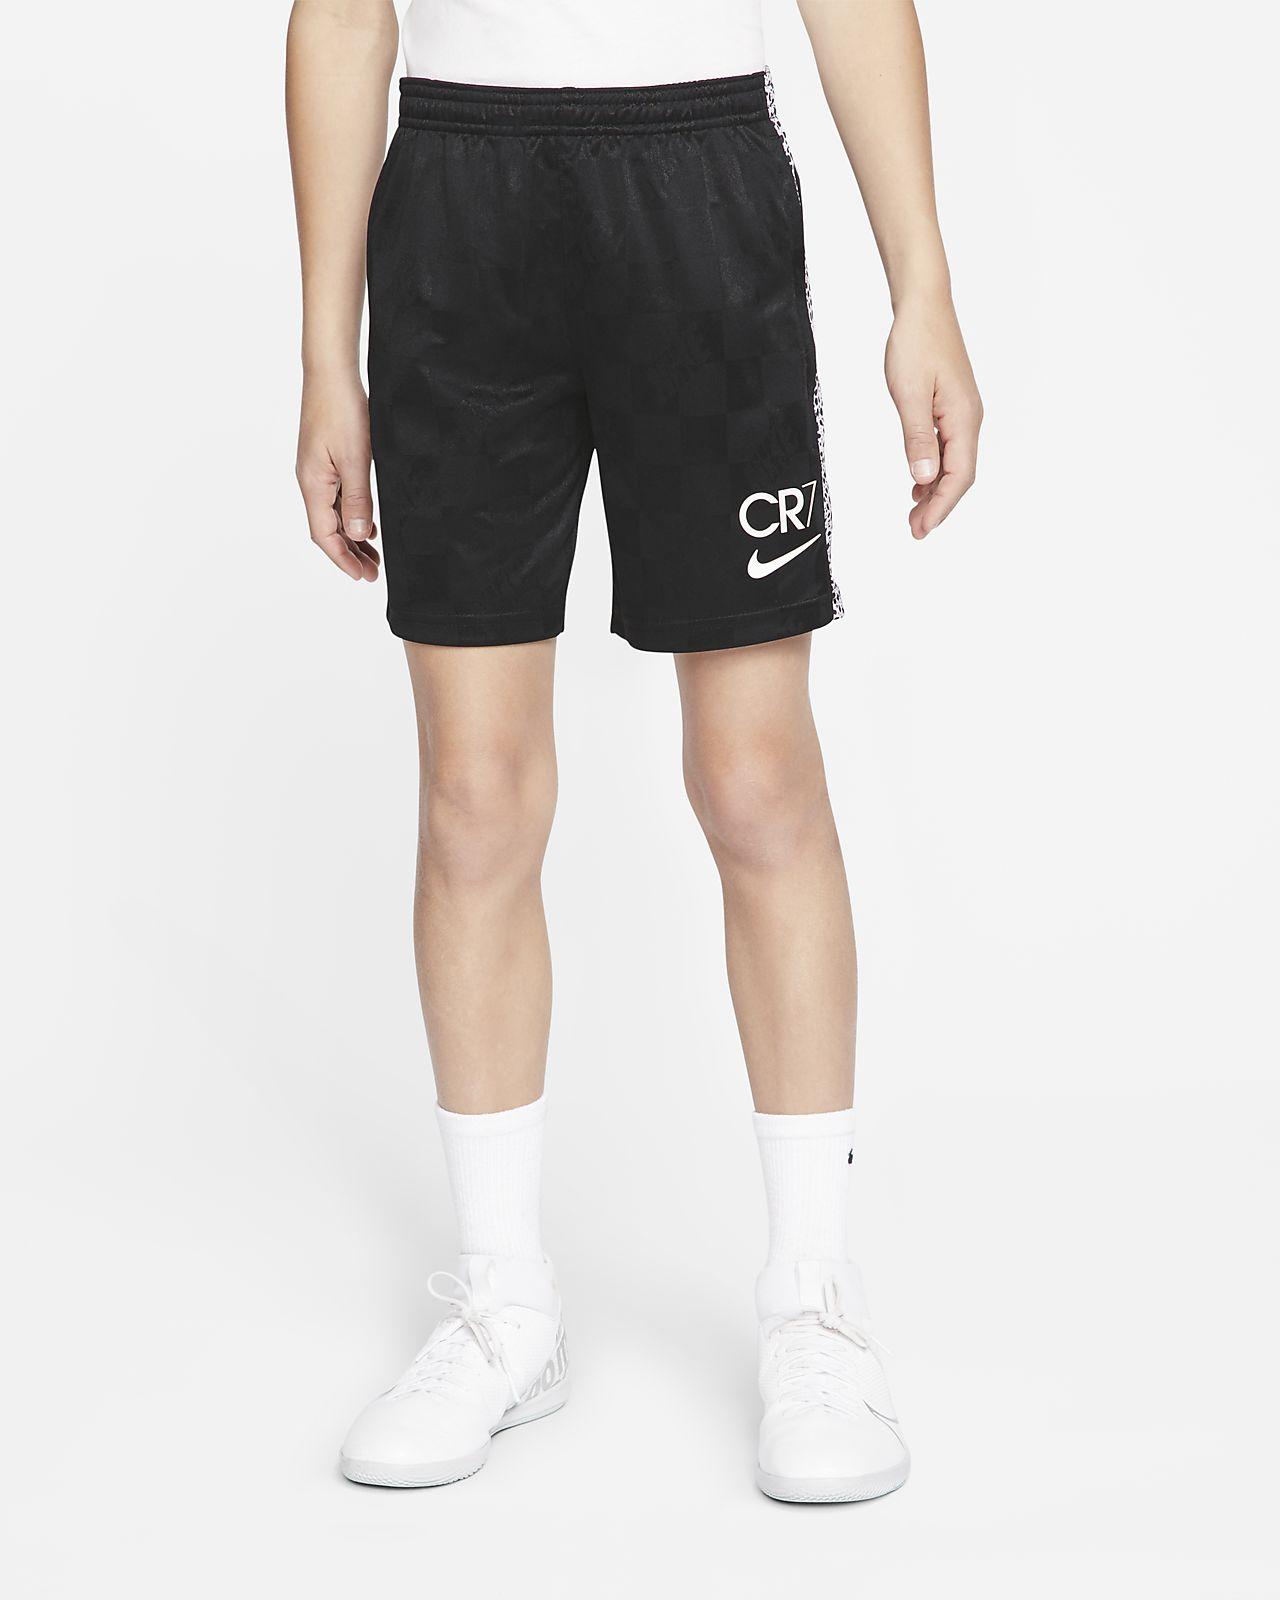 Short de football Nike Dri-FIT CR7 pour Enfant plus âgé